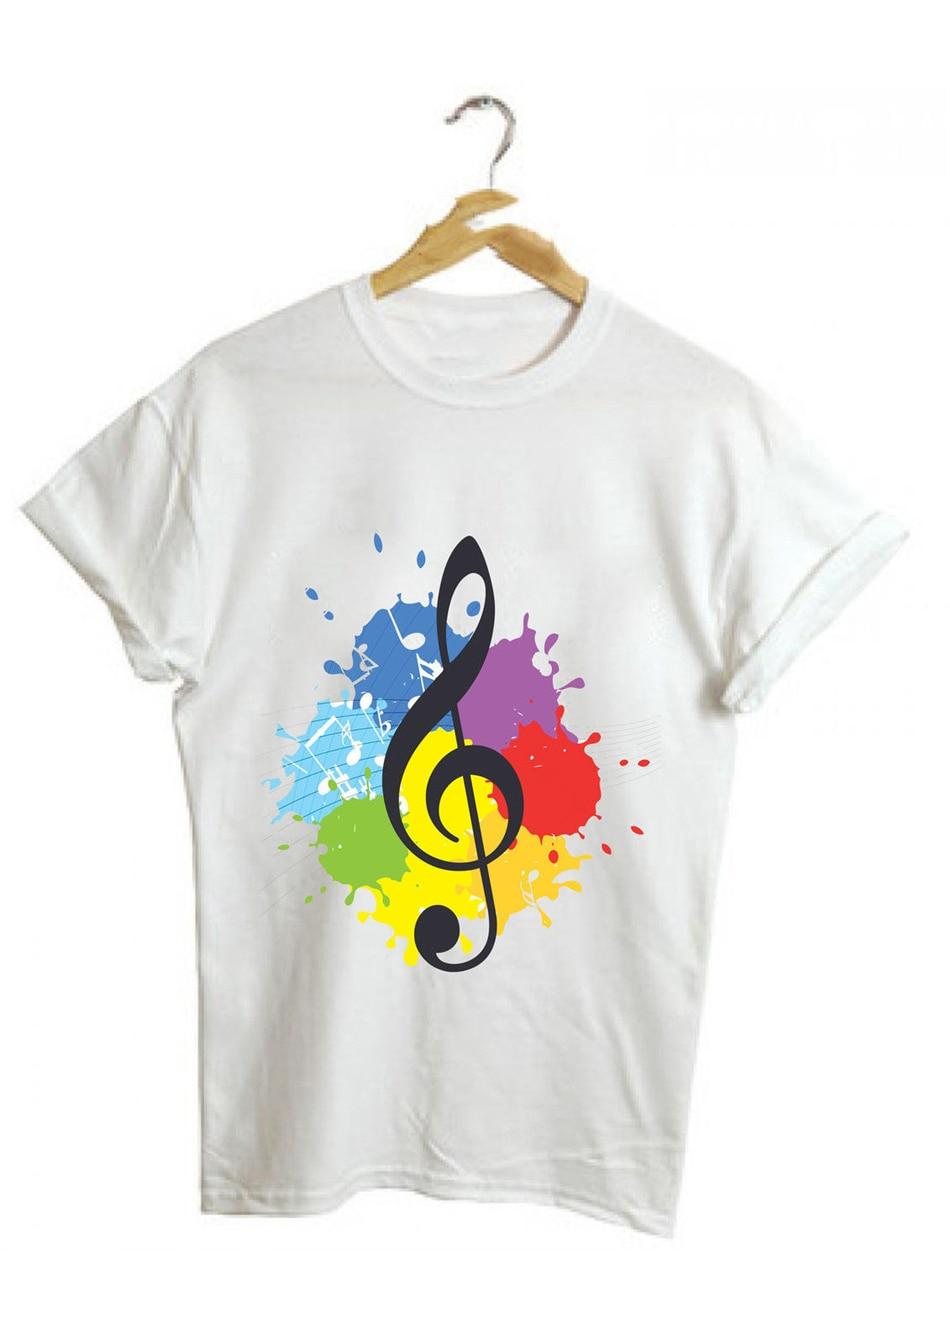 Notas de música agudos clef arte pintura moda unissex masculino feminino branco camisa t 48 frete grátis topos camiseta